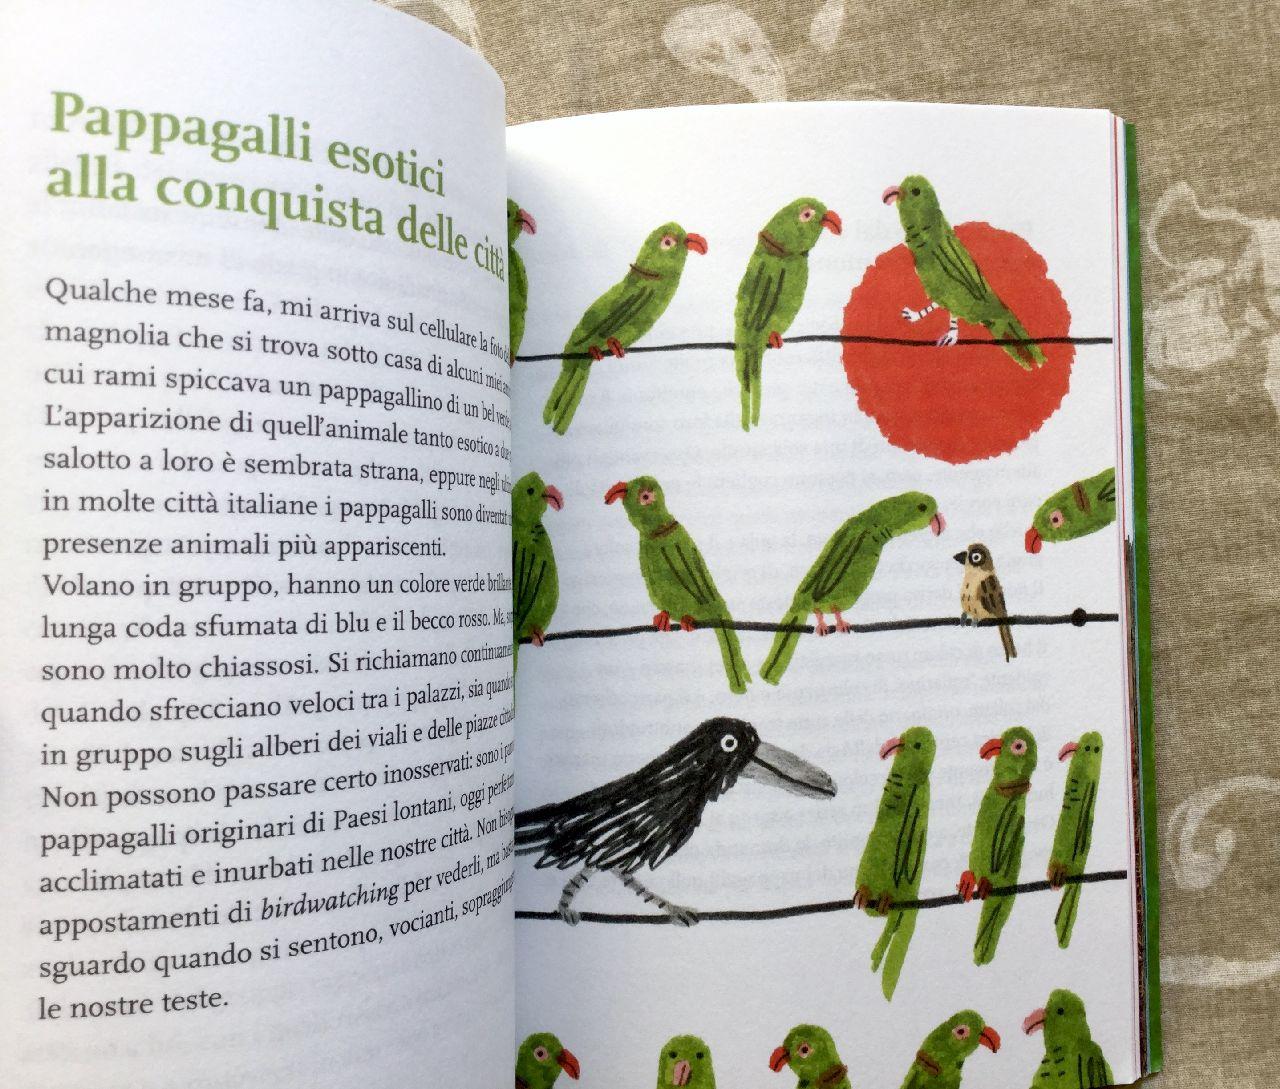 Bruno Cignini - Andrea Antinori, Animali in città, Lapis